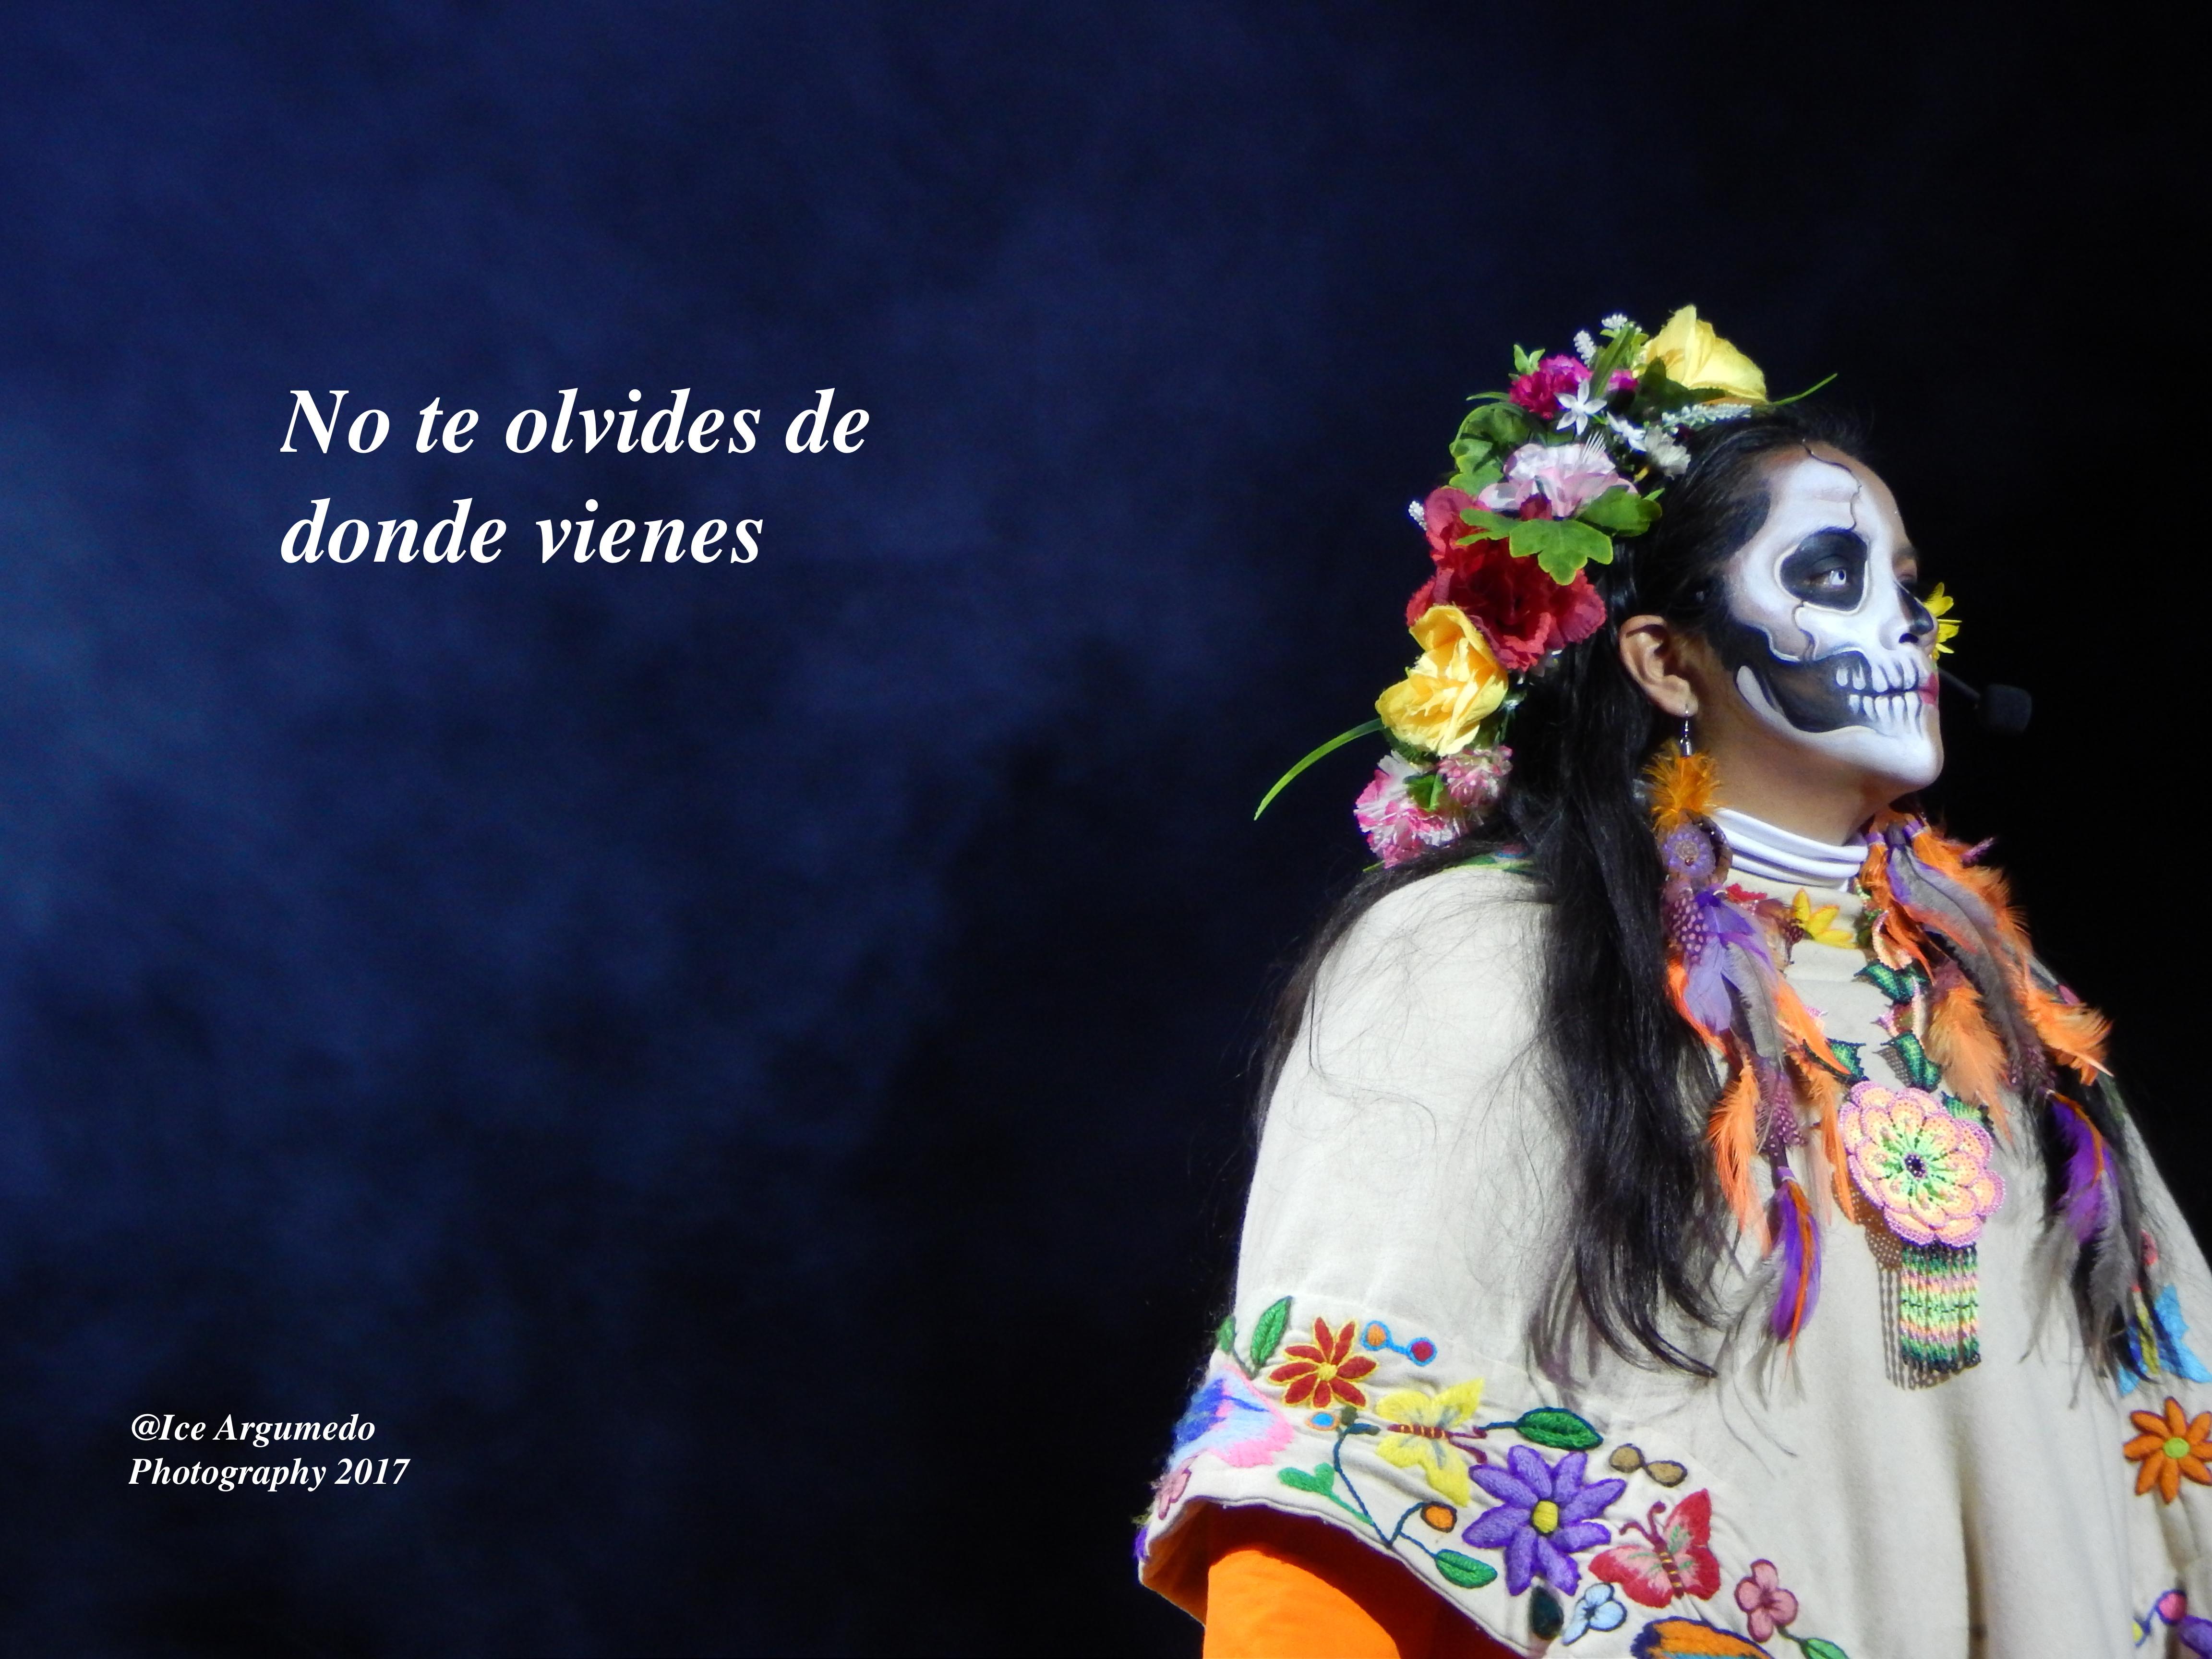 La LLorona 2017